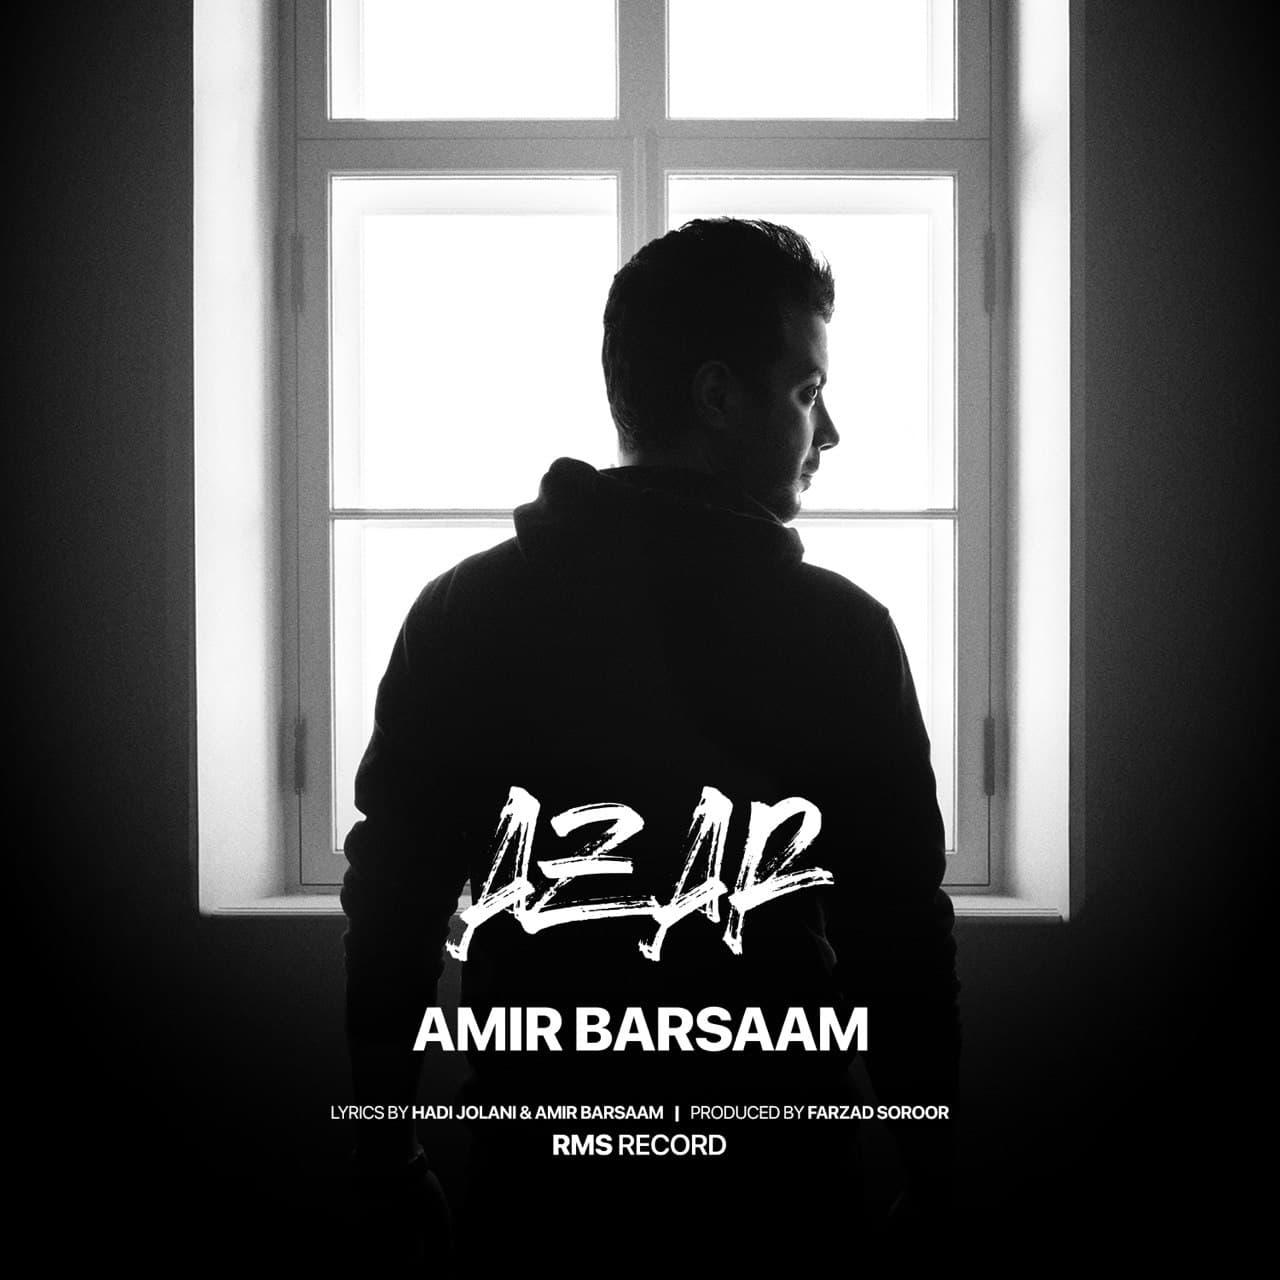 Amir Barsaam – Azar